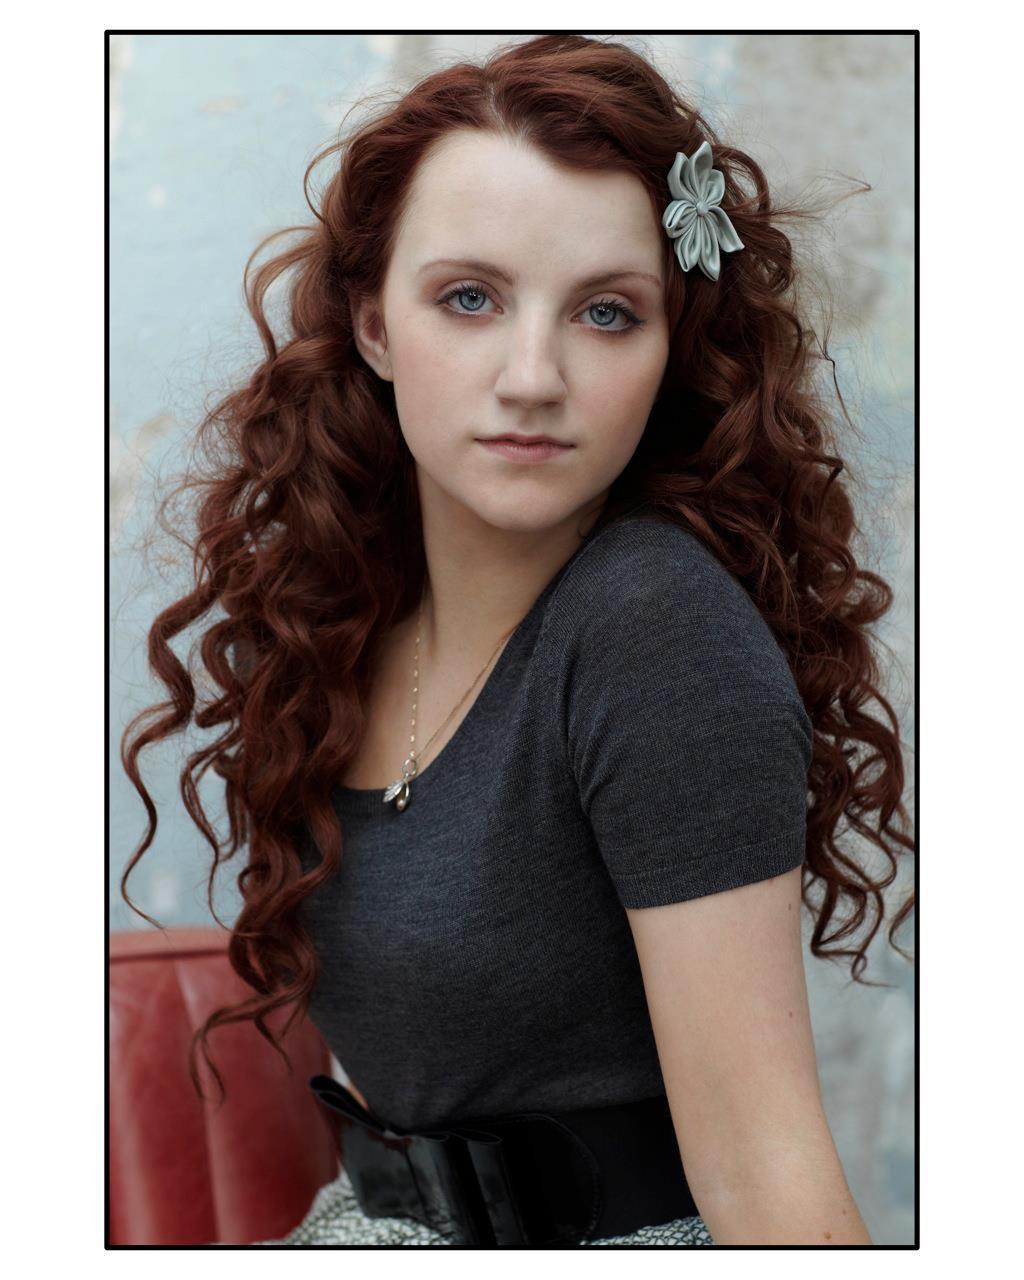 Ποιός/ποιά είναι ο/η αγαπημένος σας ηθοποιός; - Σελίδα 8 Evanna-Lynch-evanna-lynch-25774212-1024-1280